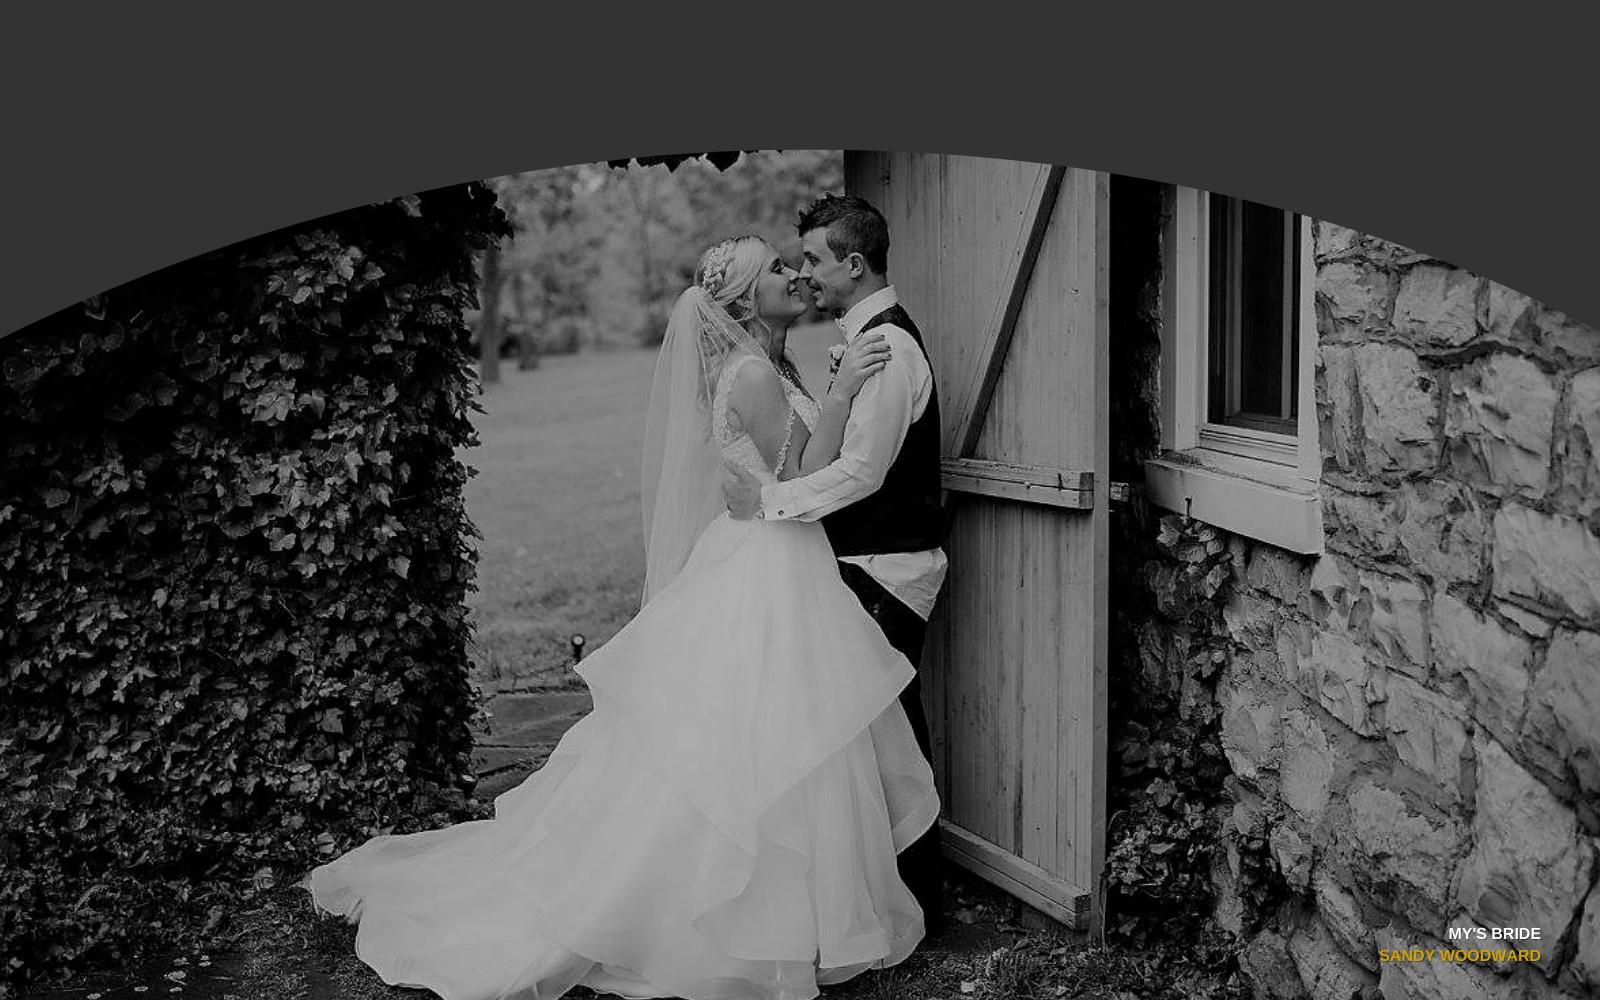 My's Bride